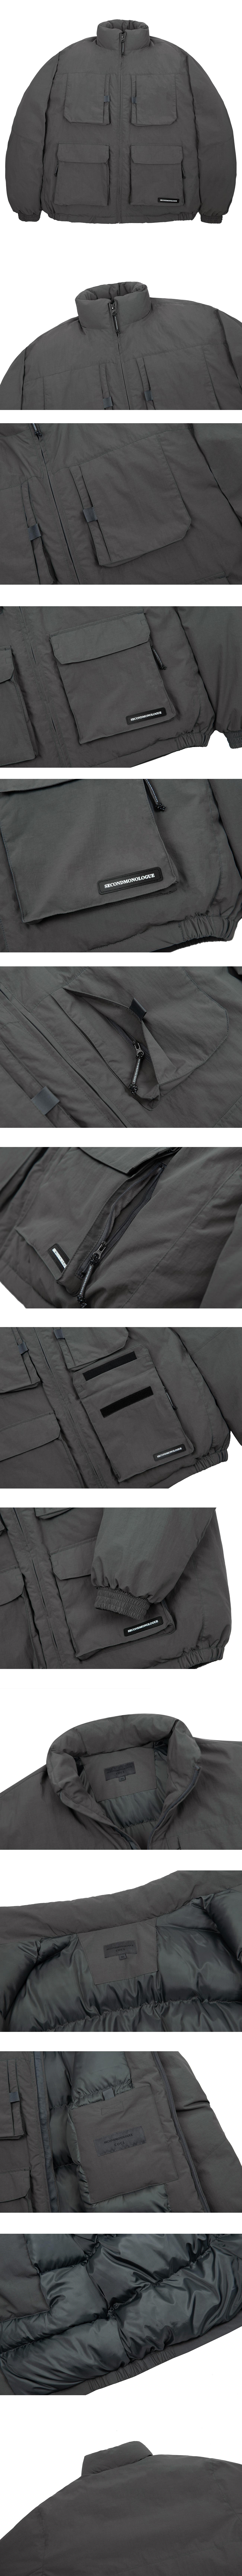 커스텀어클락(COSTUME O'CLOCK) 컨템포러리 에어 포스 패딩 2 다크그레이